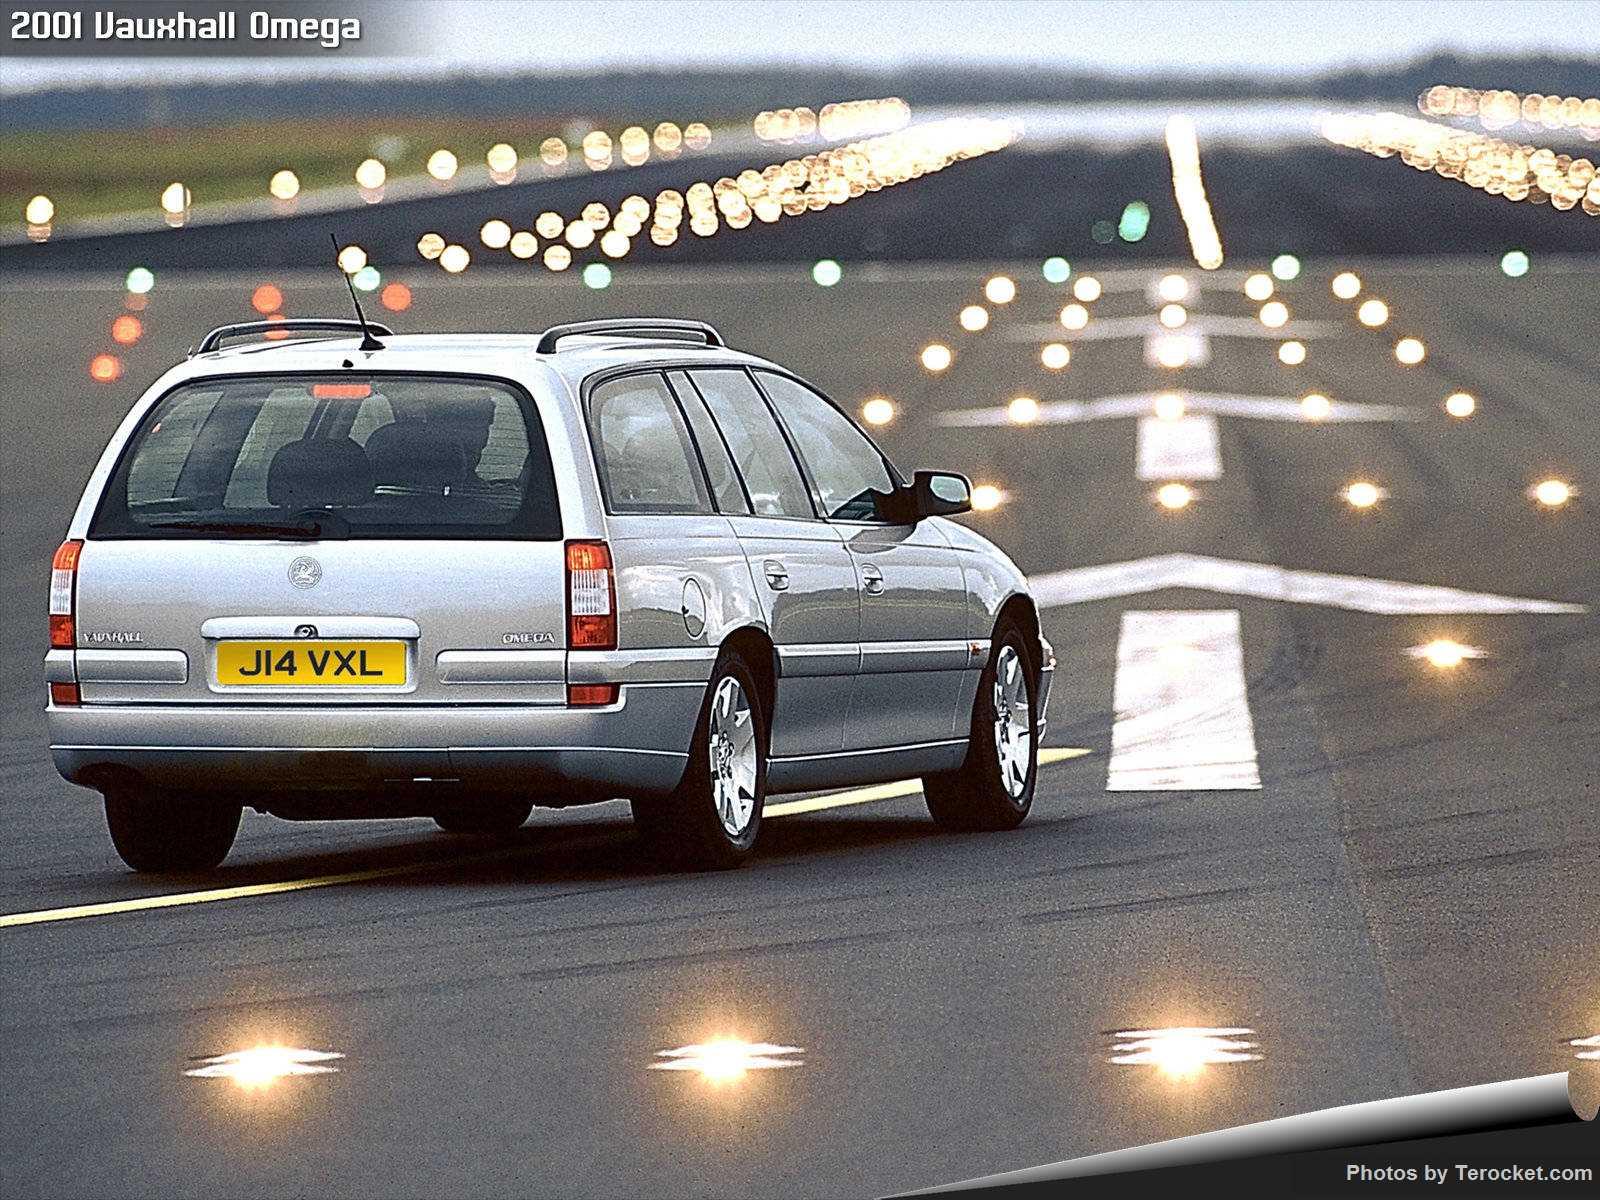 Hình ảnh xe ô tô Vauxhall Omega 2001 & nội ngoại thất